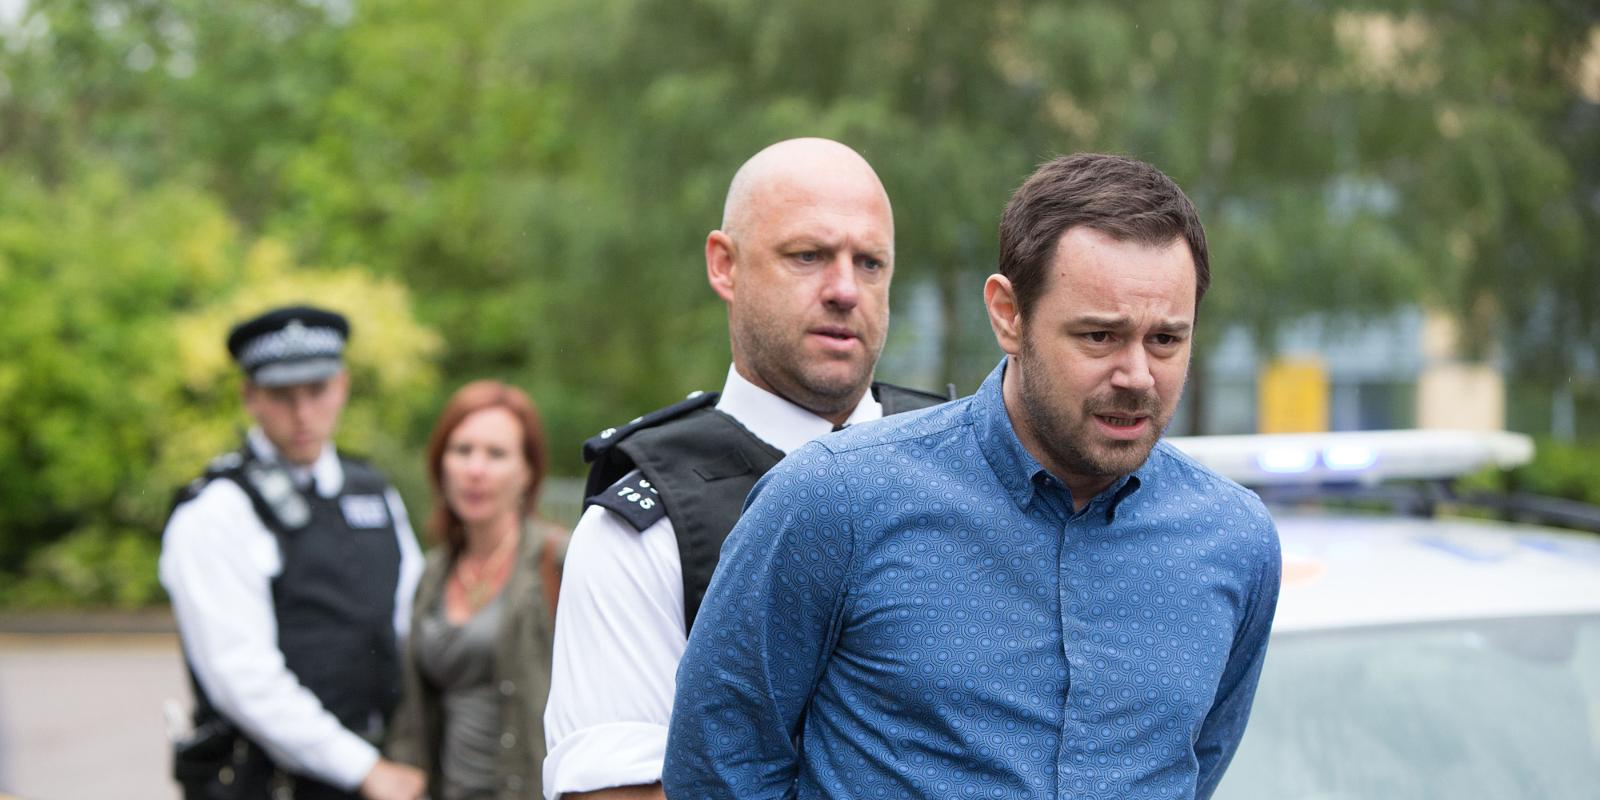 landscape_soaps-eastenders-mick-carter-arrested